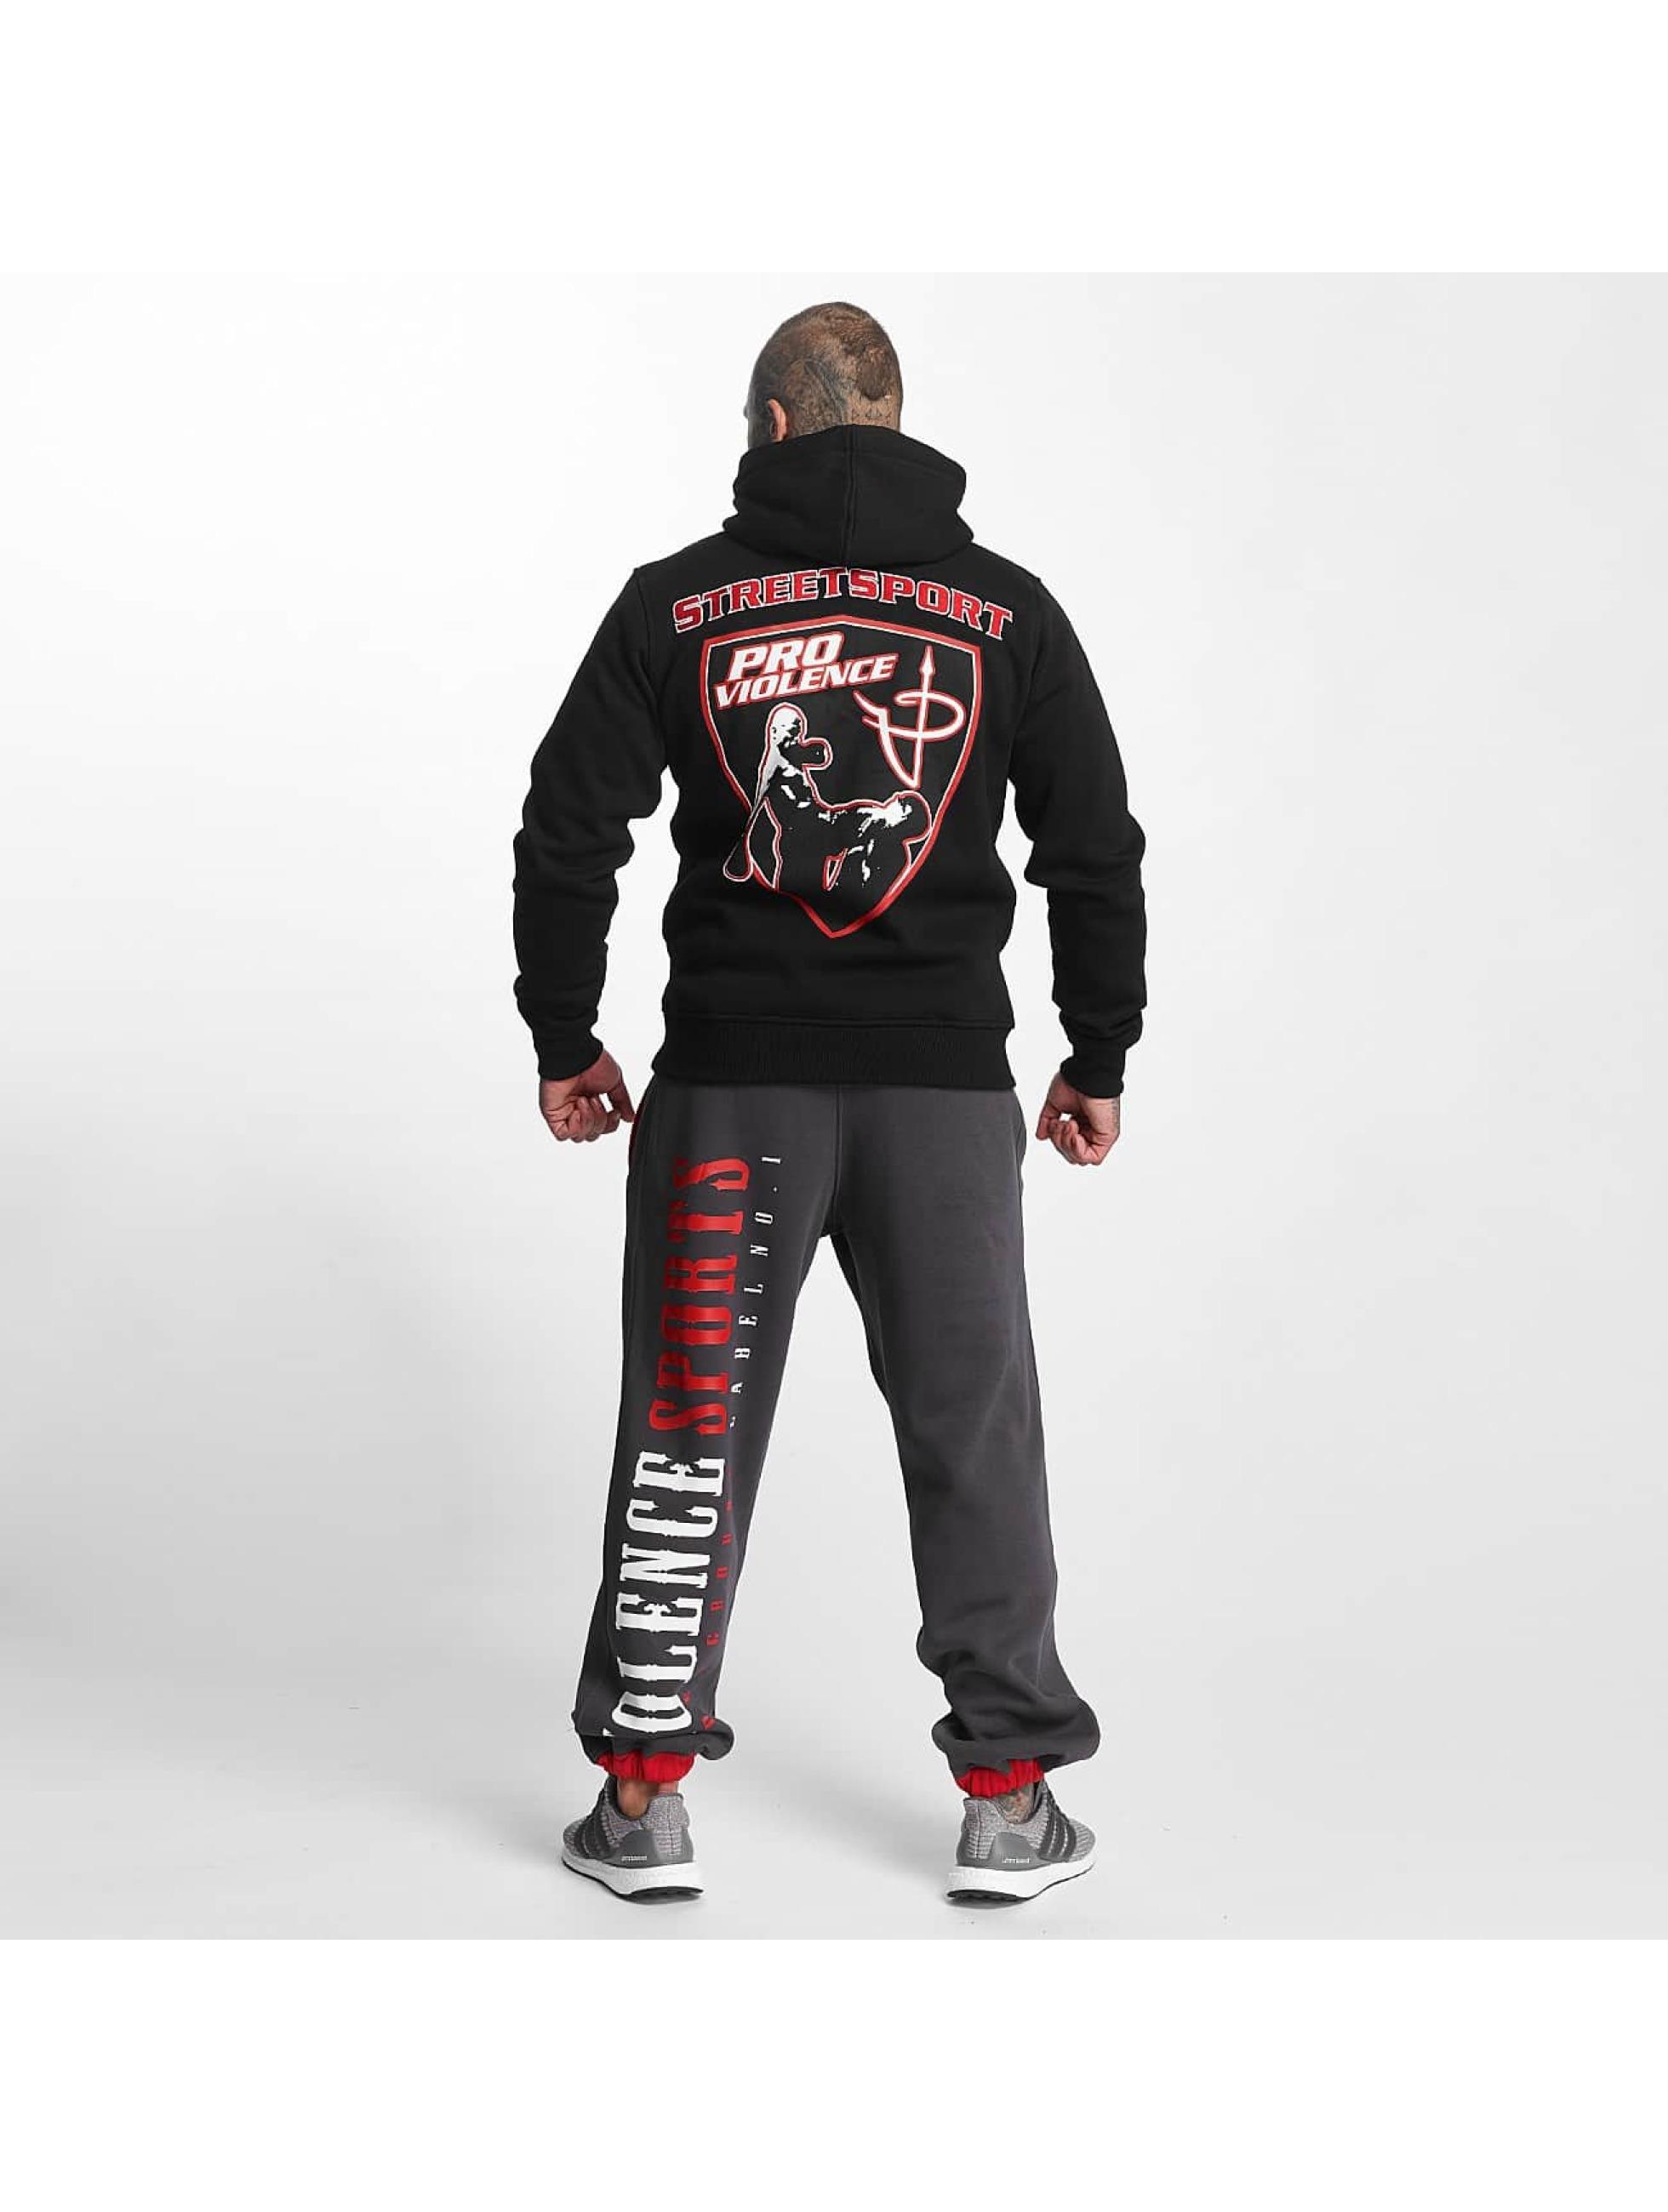 Pro Violence Streetwear Hoody Adrenlin Hunter schwarz